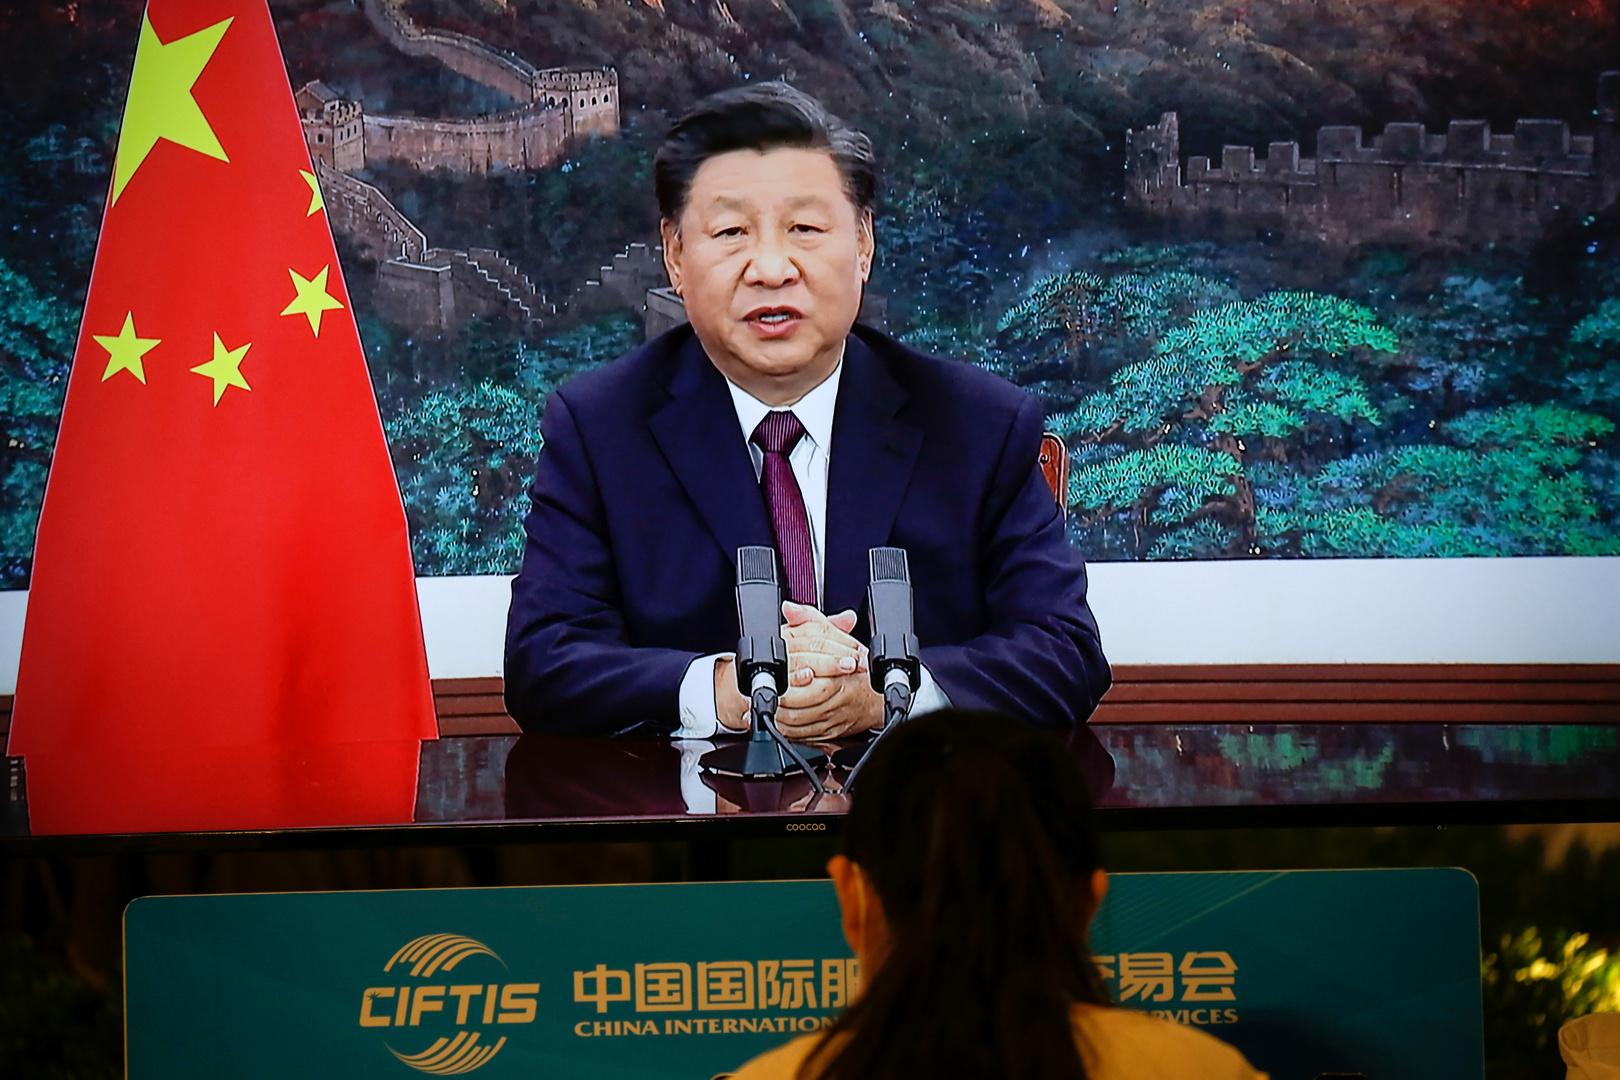 الرئيس الصيني شي جين بينغ